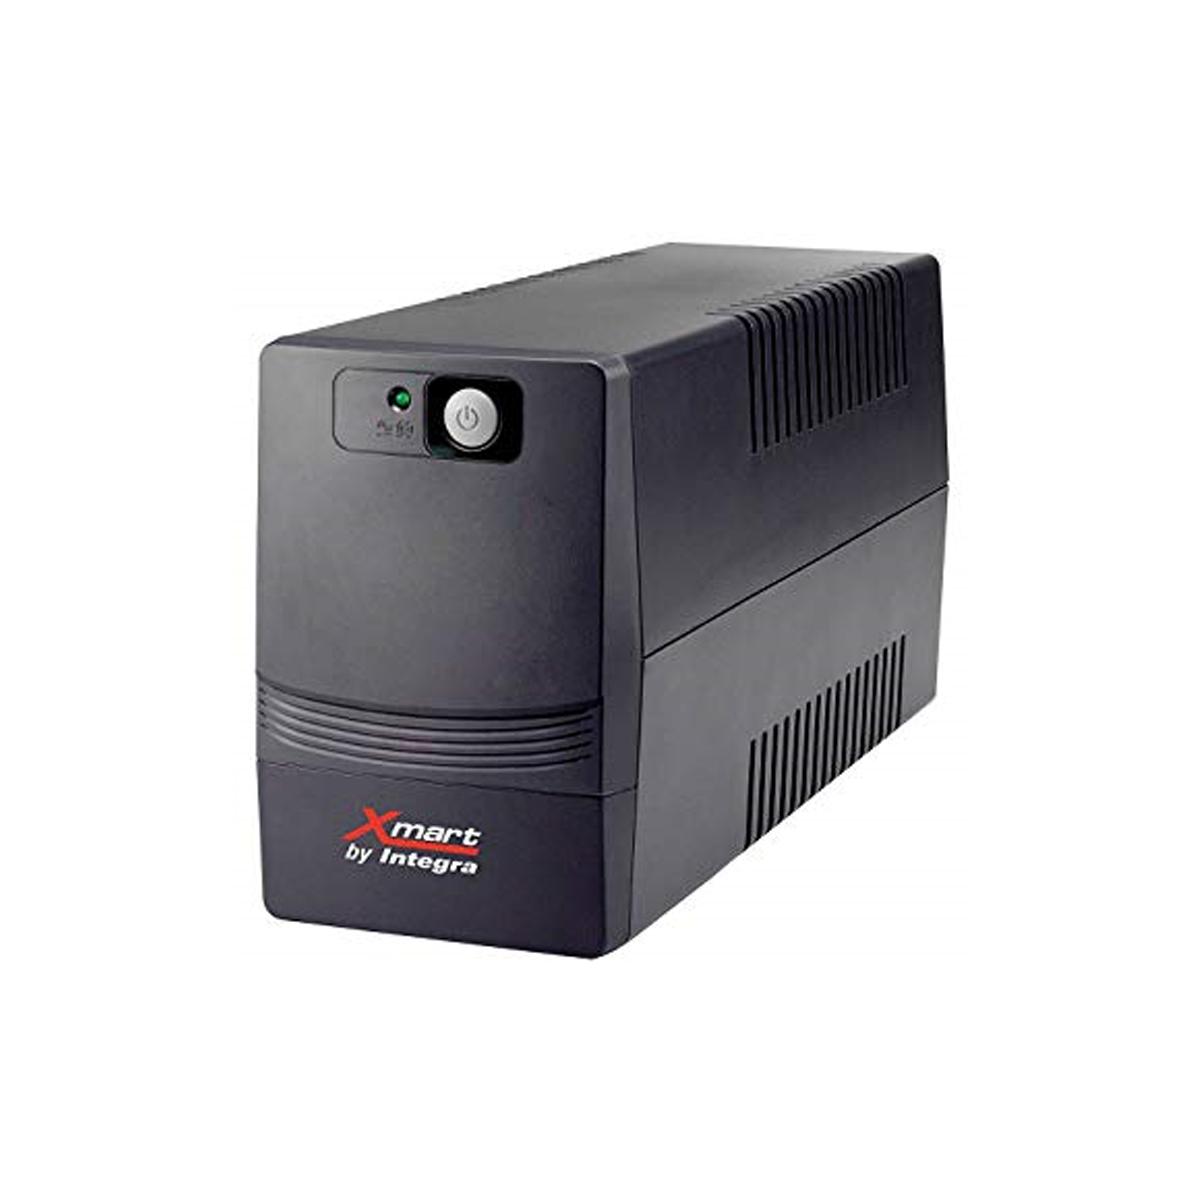 UPS 900VA 230V USB RJ11 Schuko